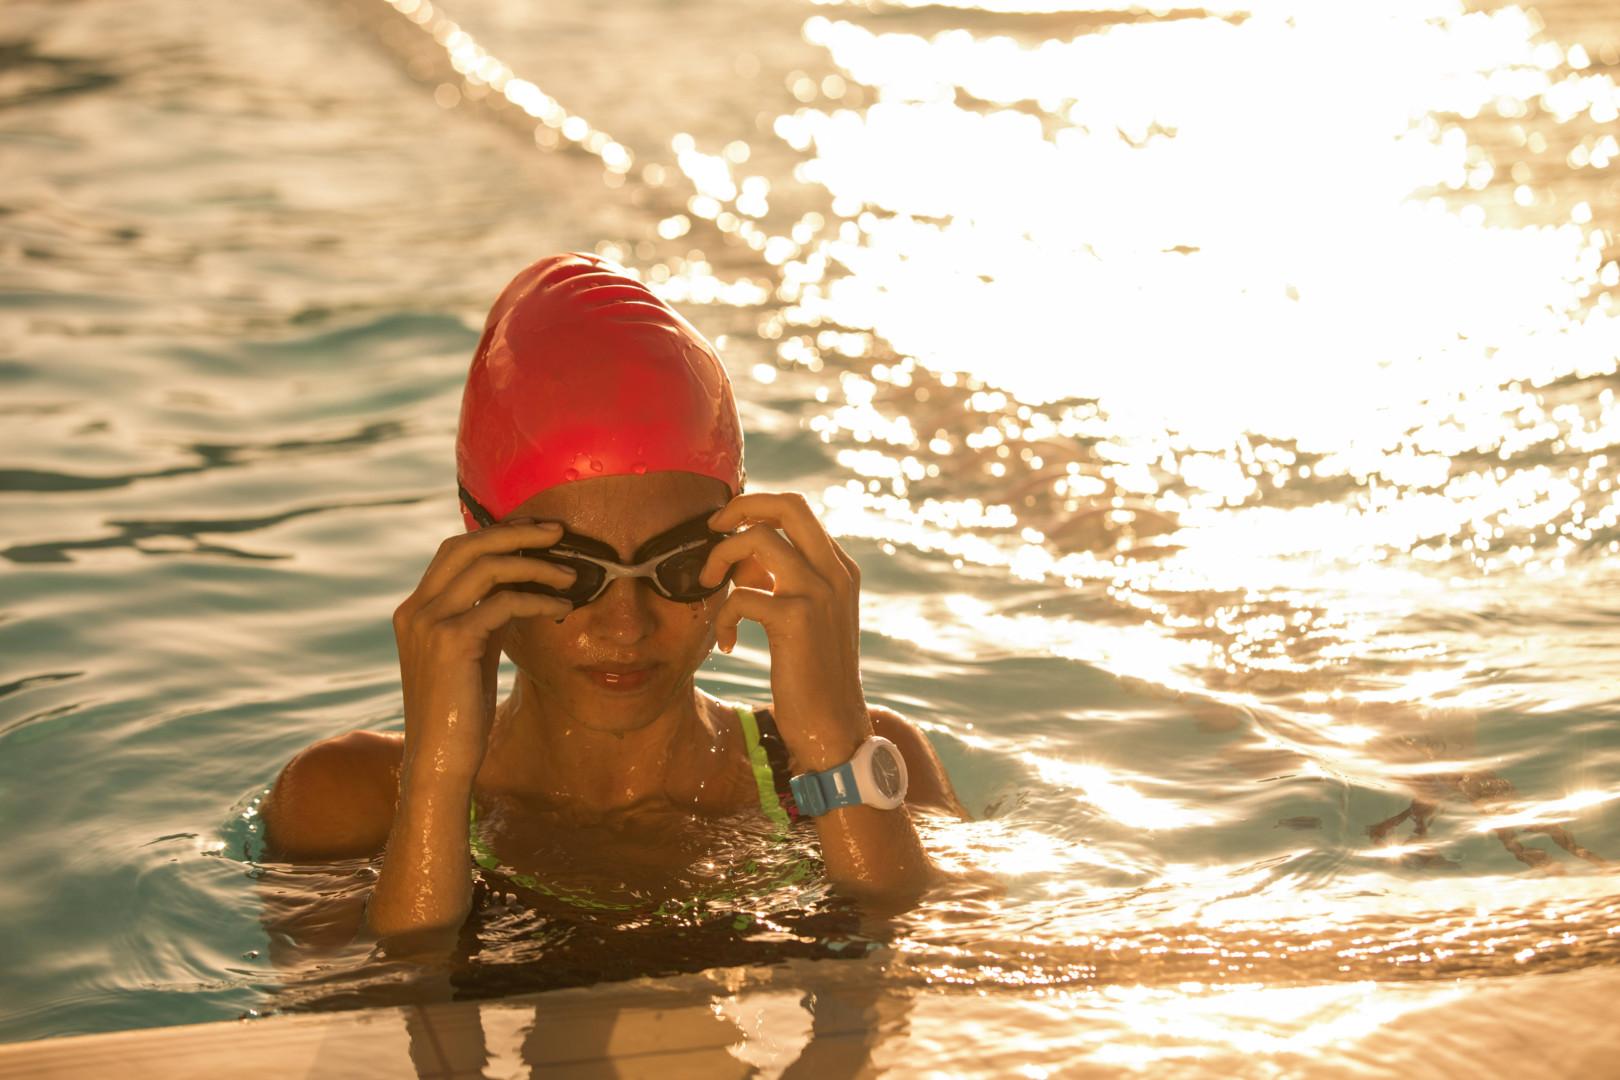 Ezért járjon úszni a gyerek - Decathlon Blog - Grécs Vanda 51f0491bb6